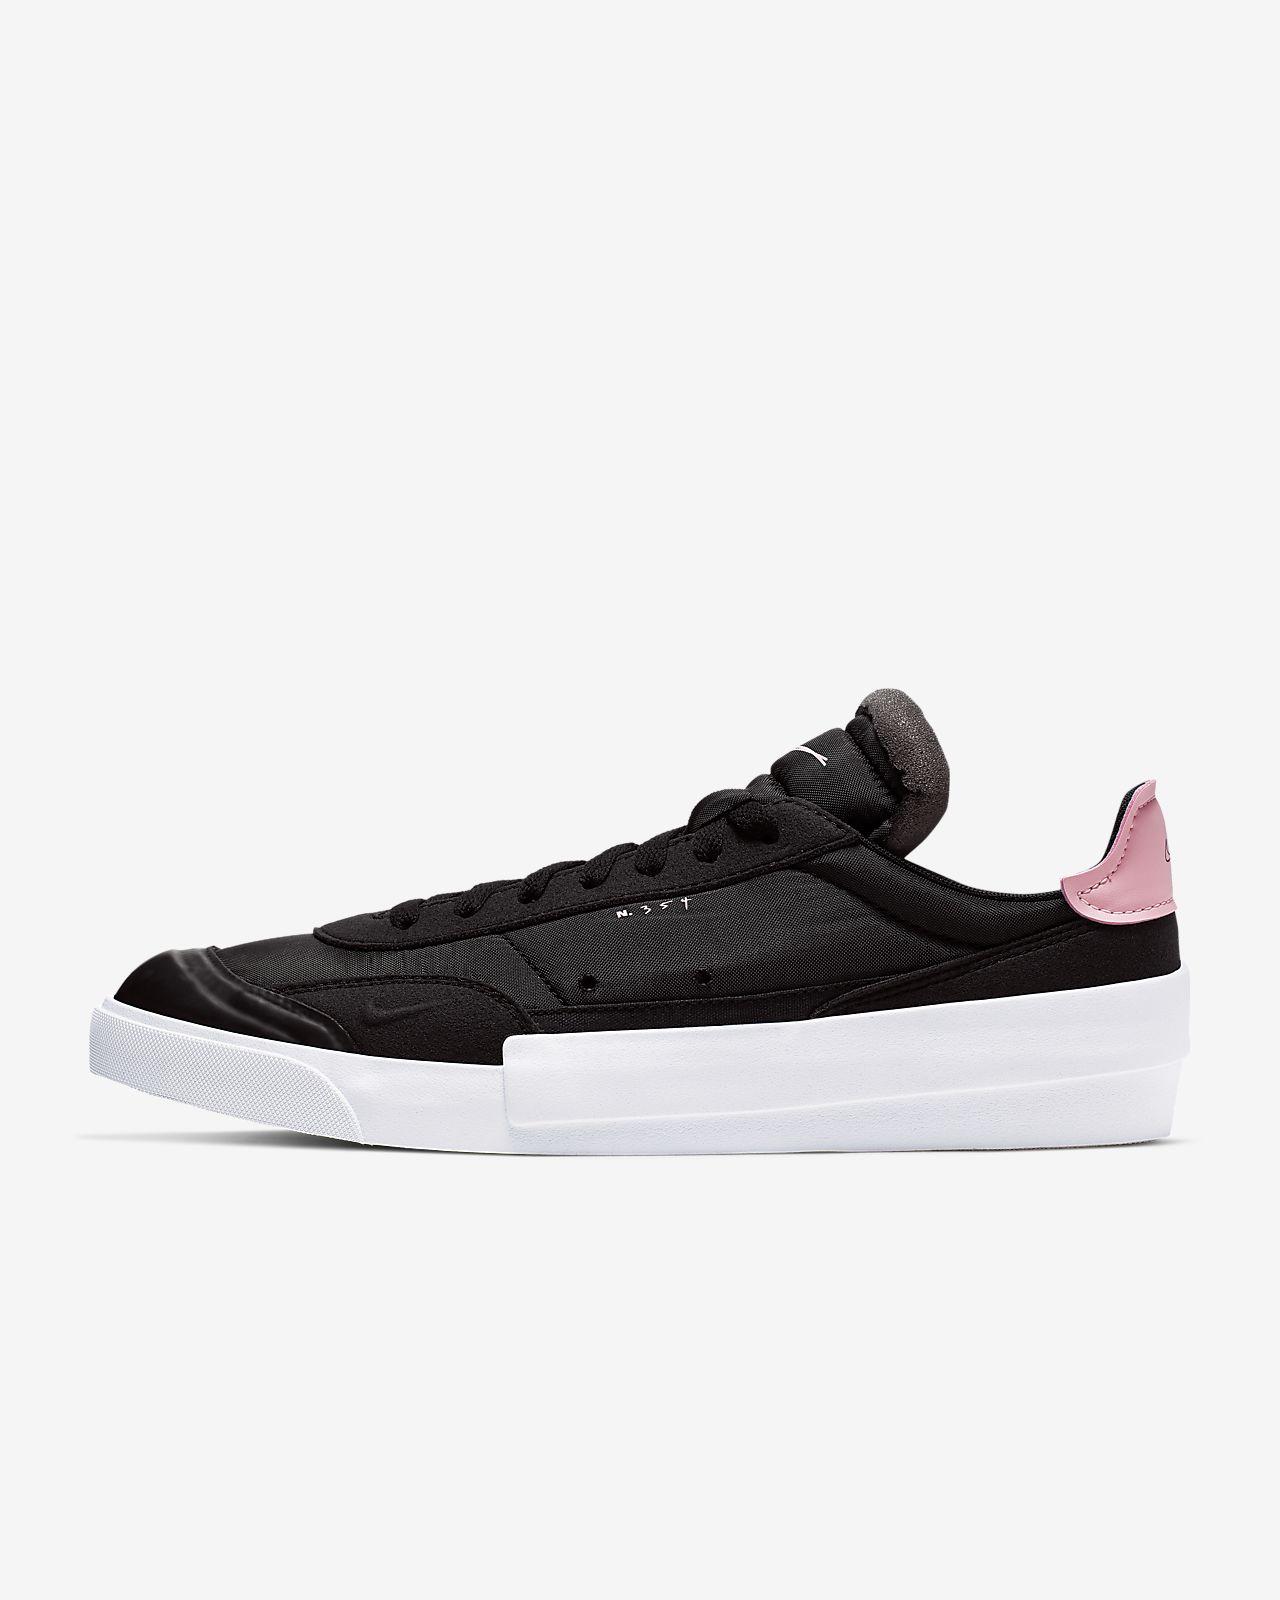 Nike Drop Type LX 男鞋